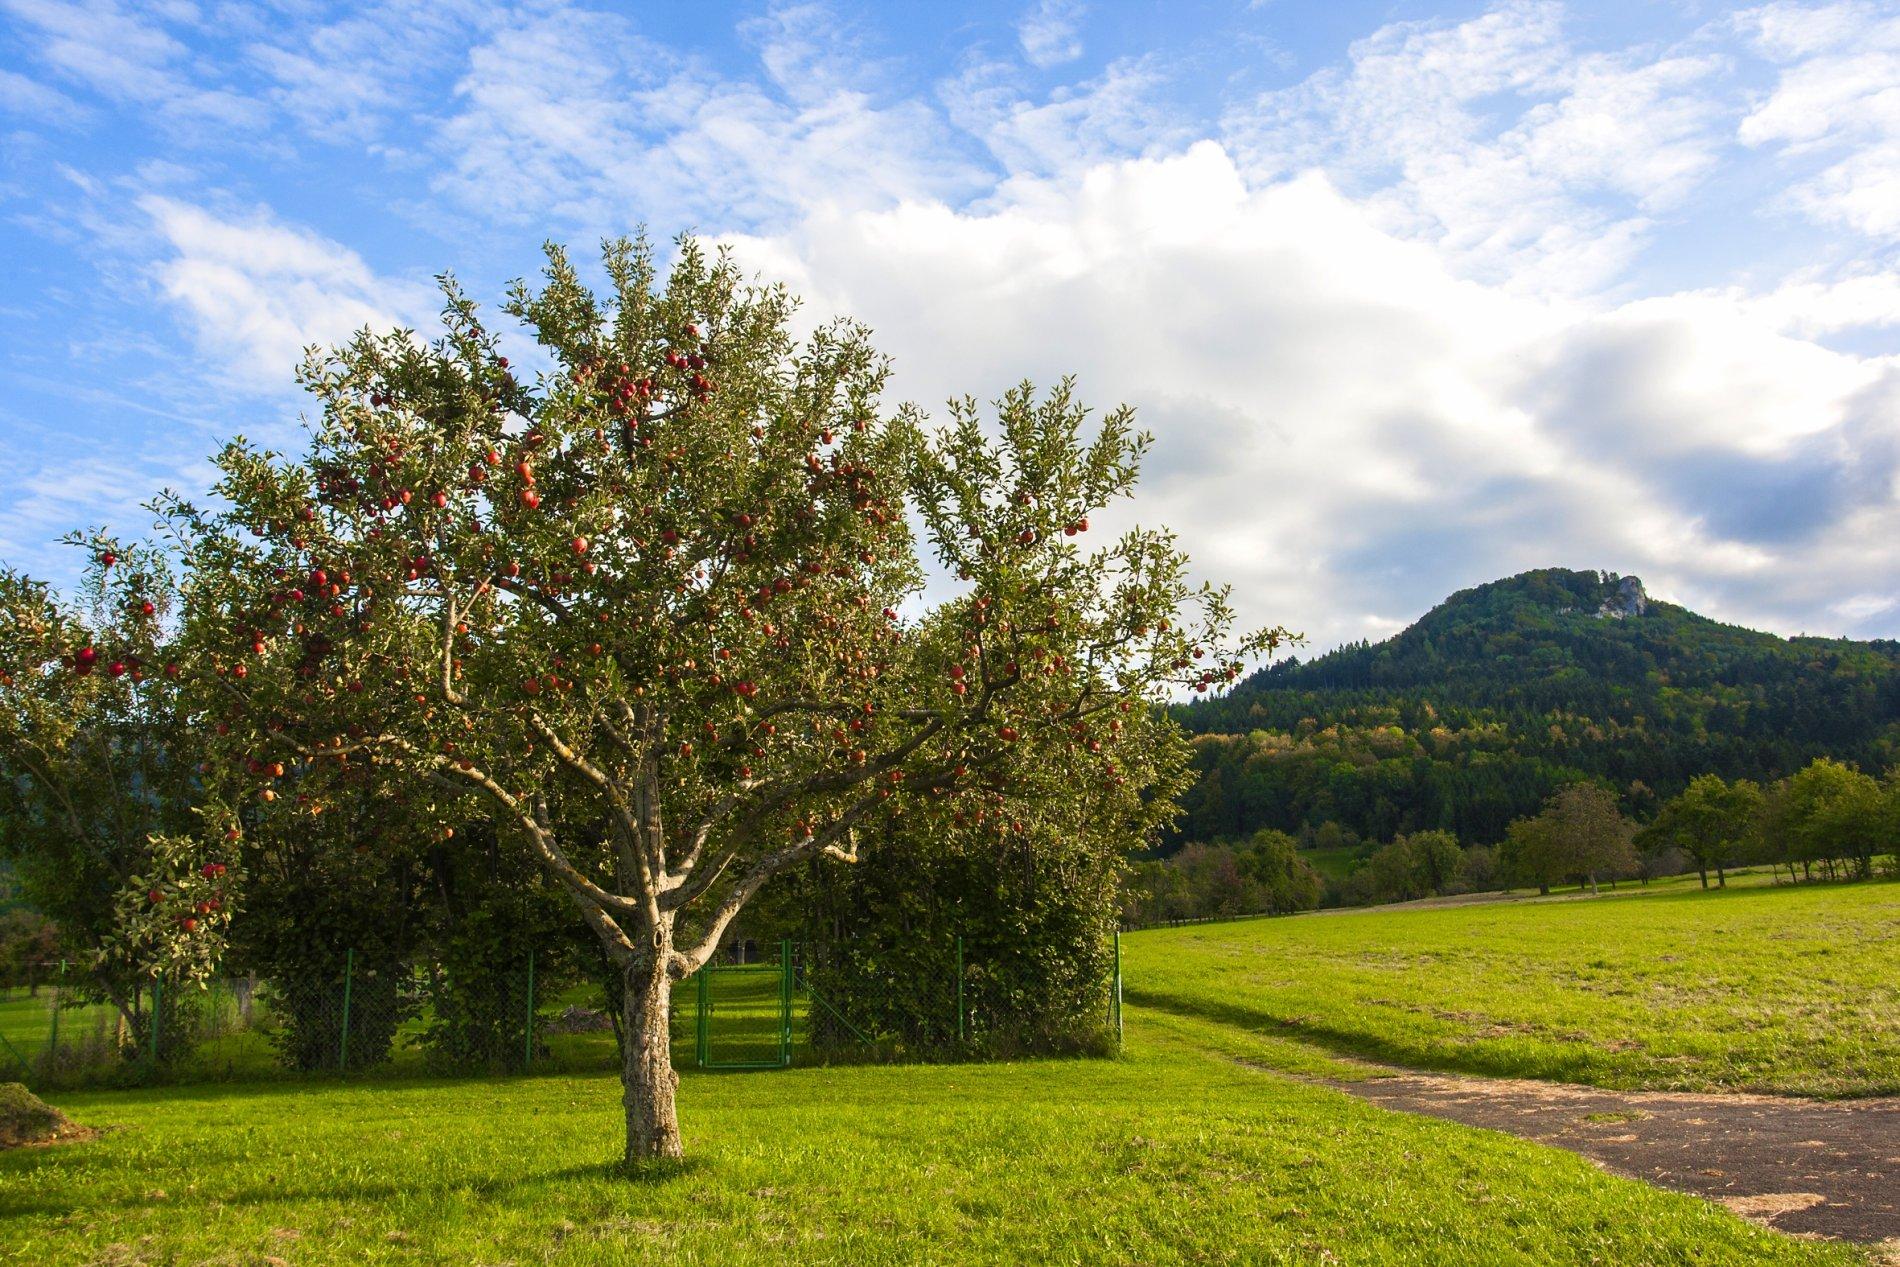 Apfelbaum und Wiesen mit Lochenstein im Hintergrund